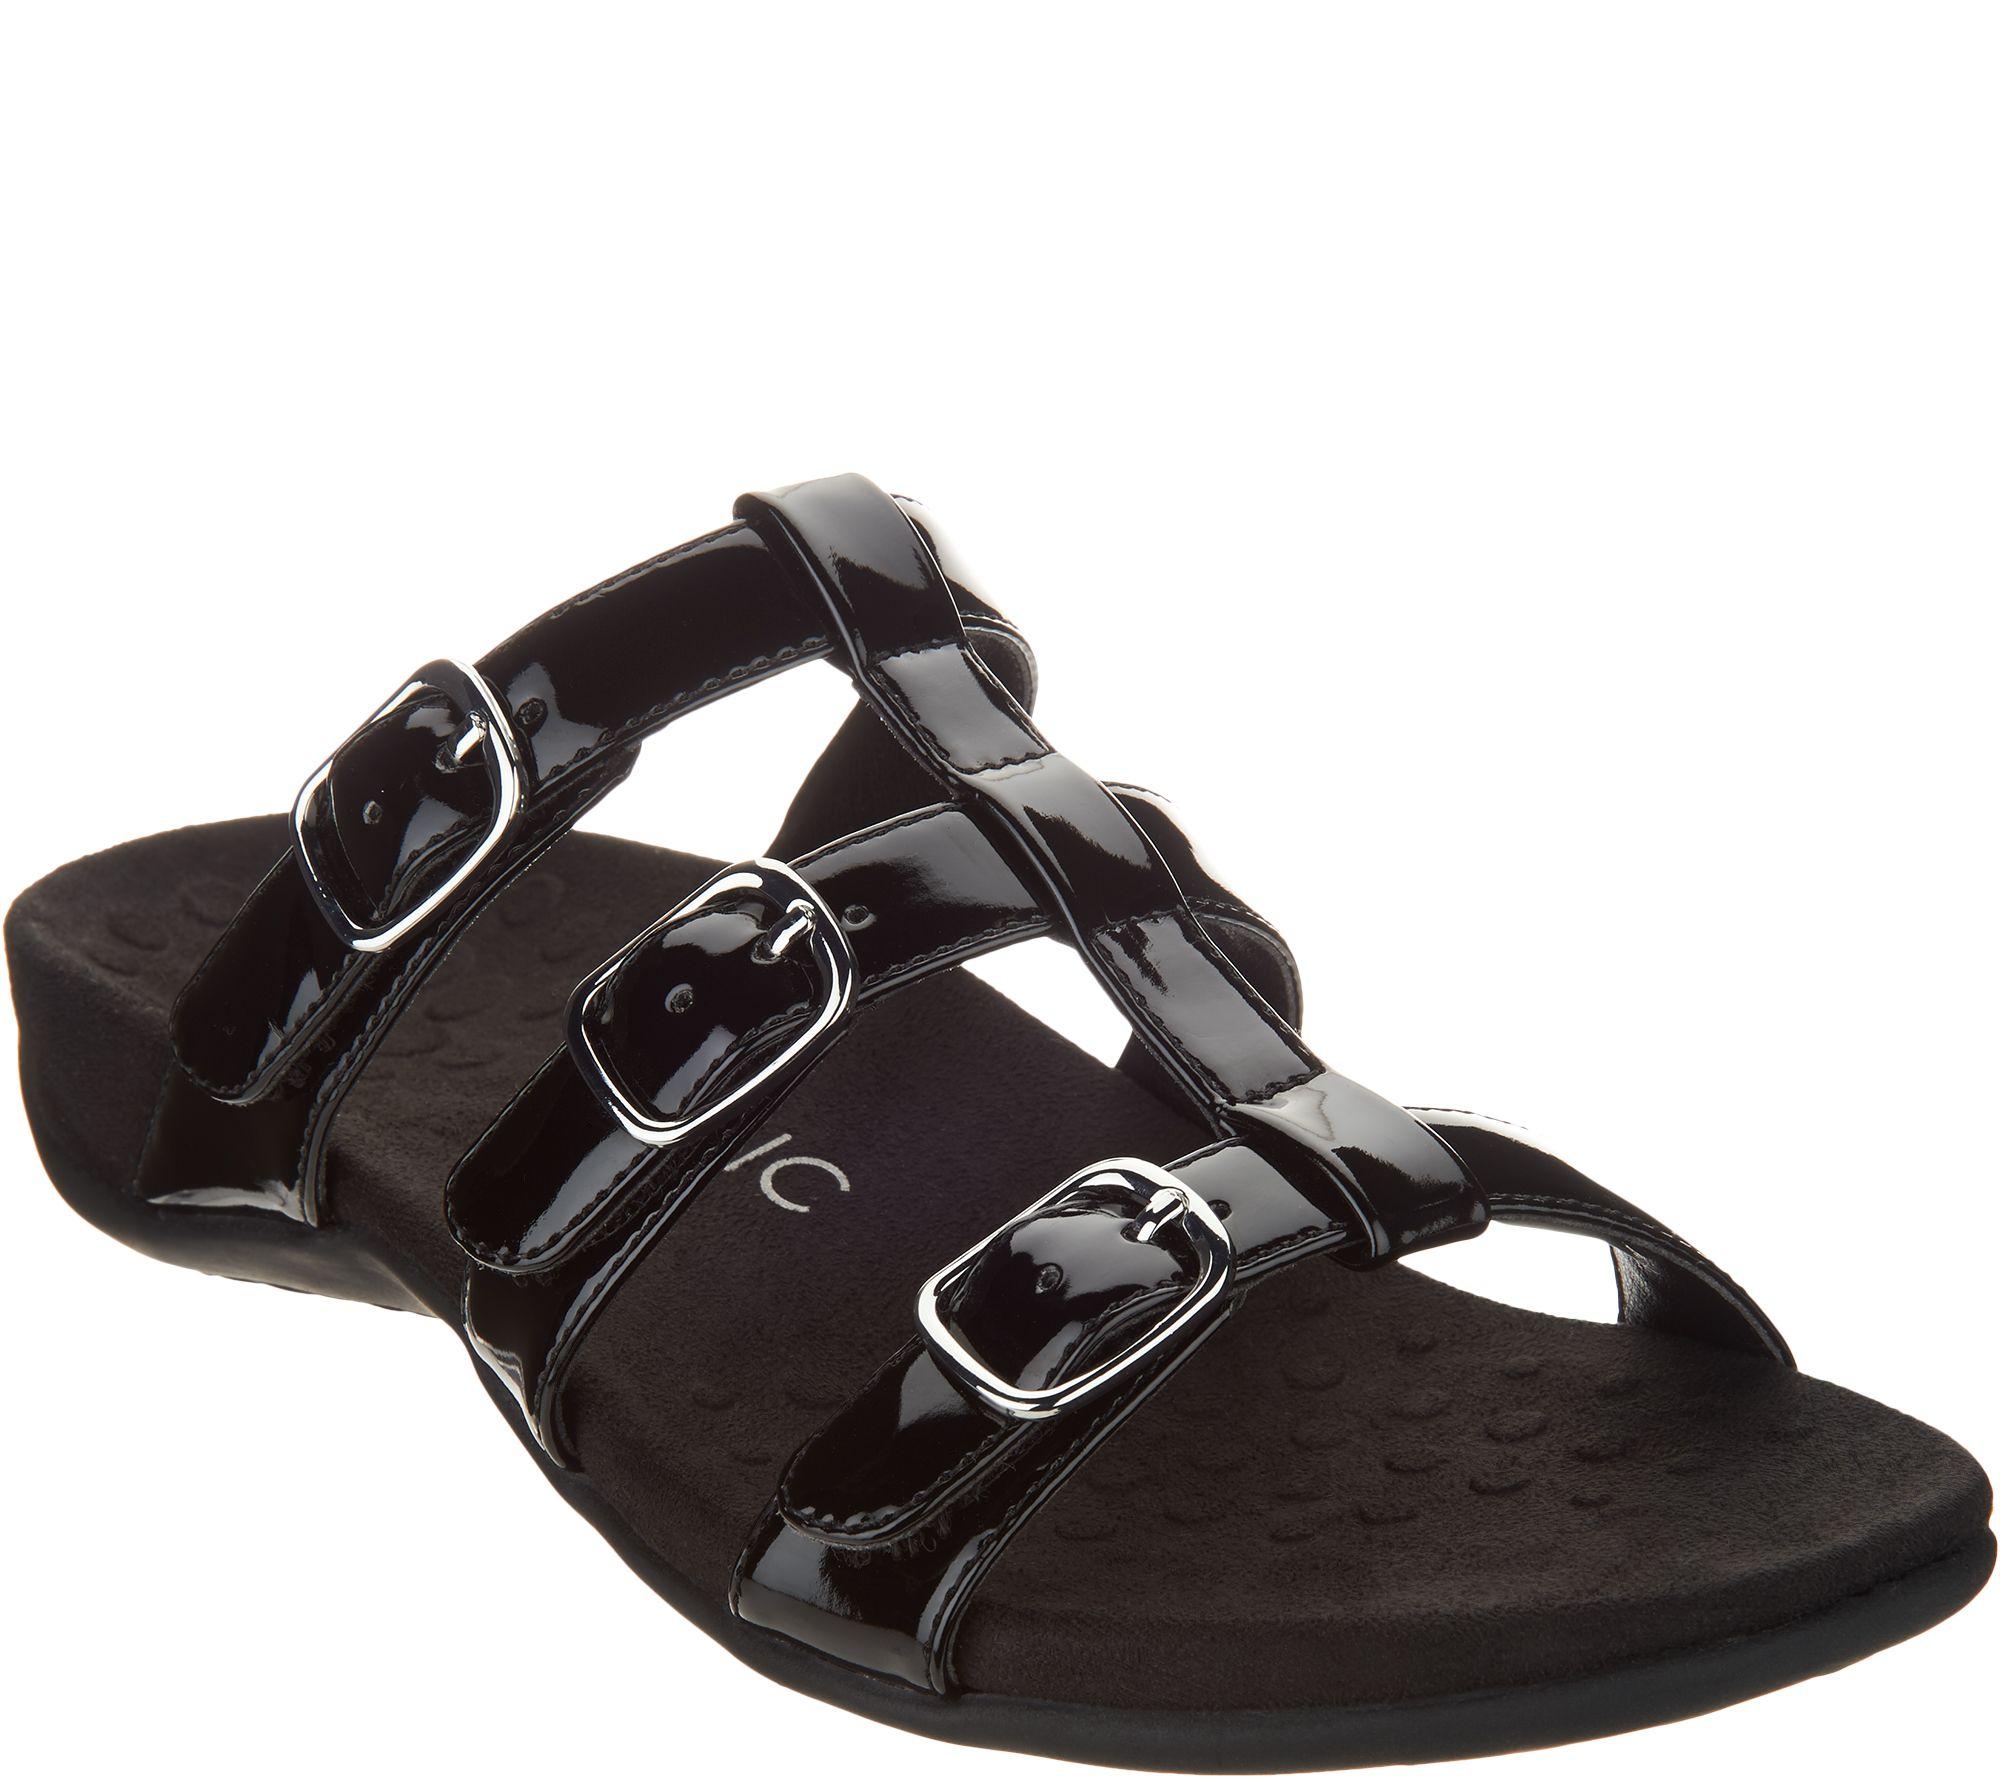 55c72b371d677 Vionic Adjustable Slide Sandals - Misa - Page 1 — QVC.com